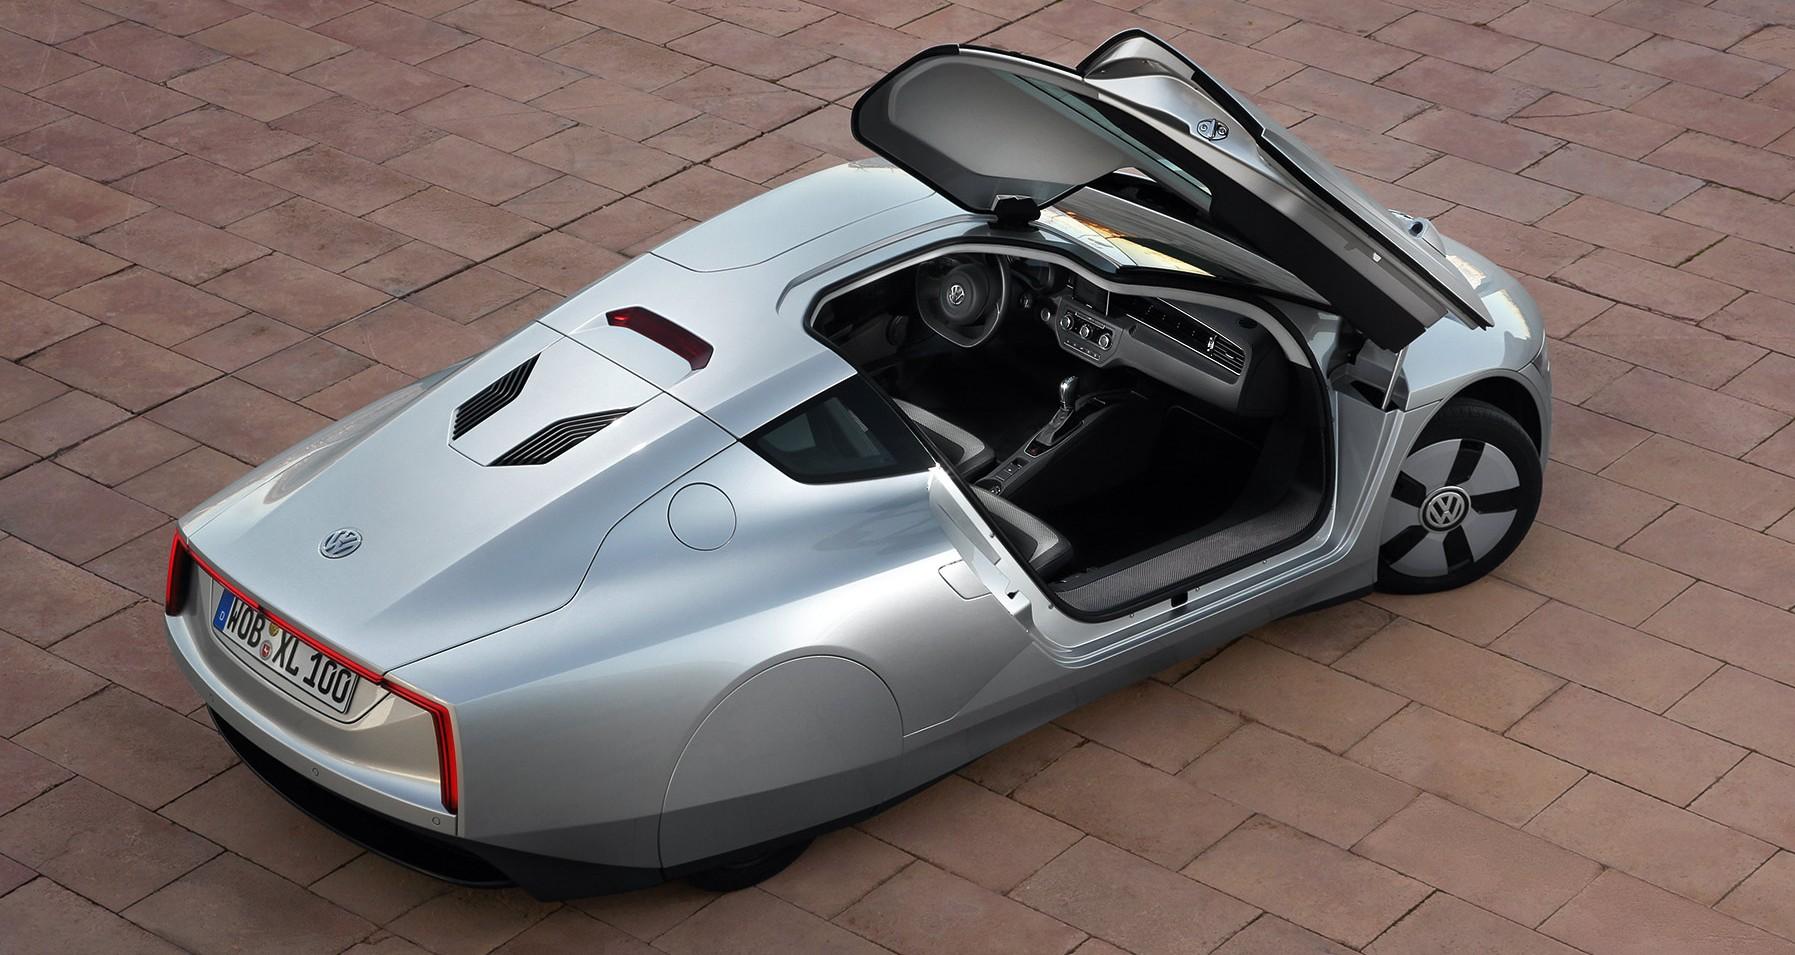 volkswagen-xl1-009